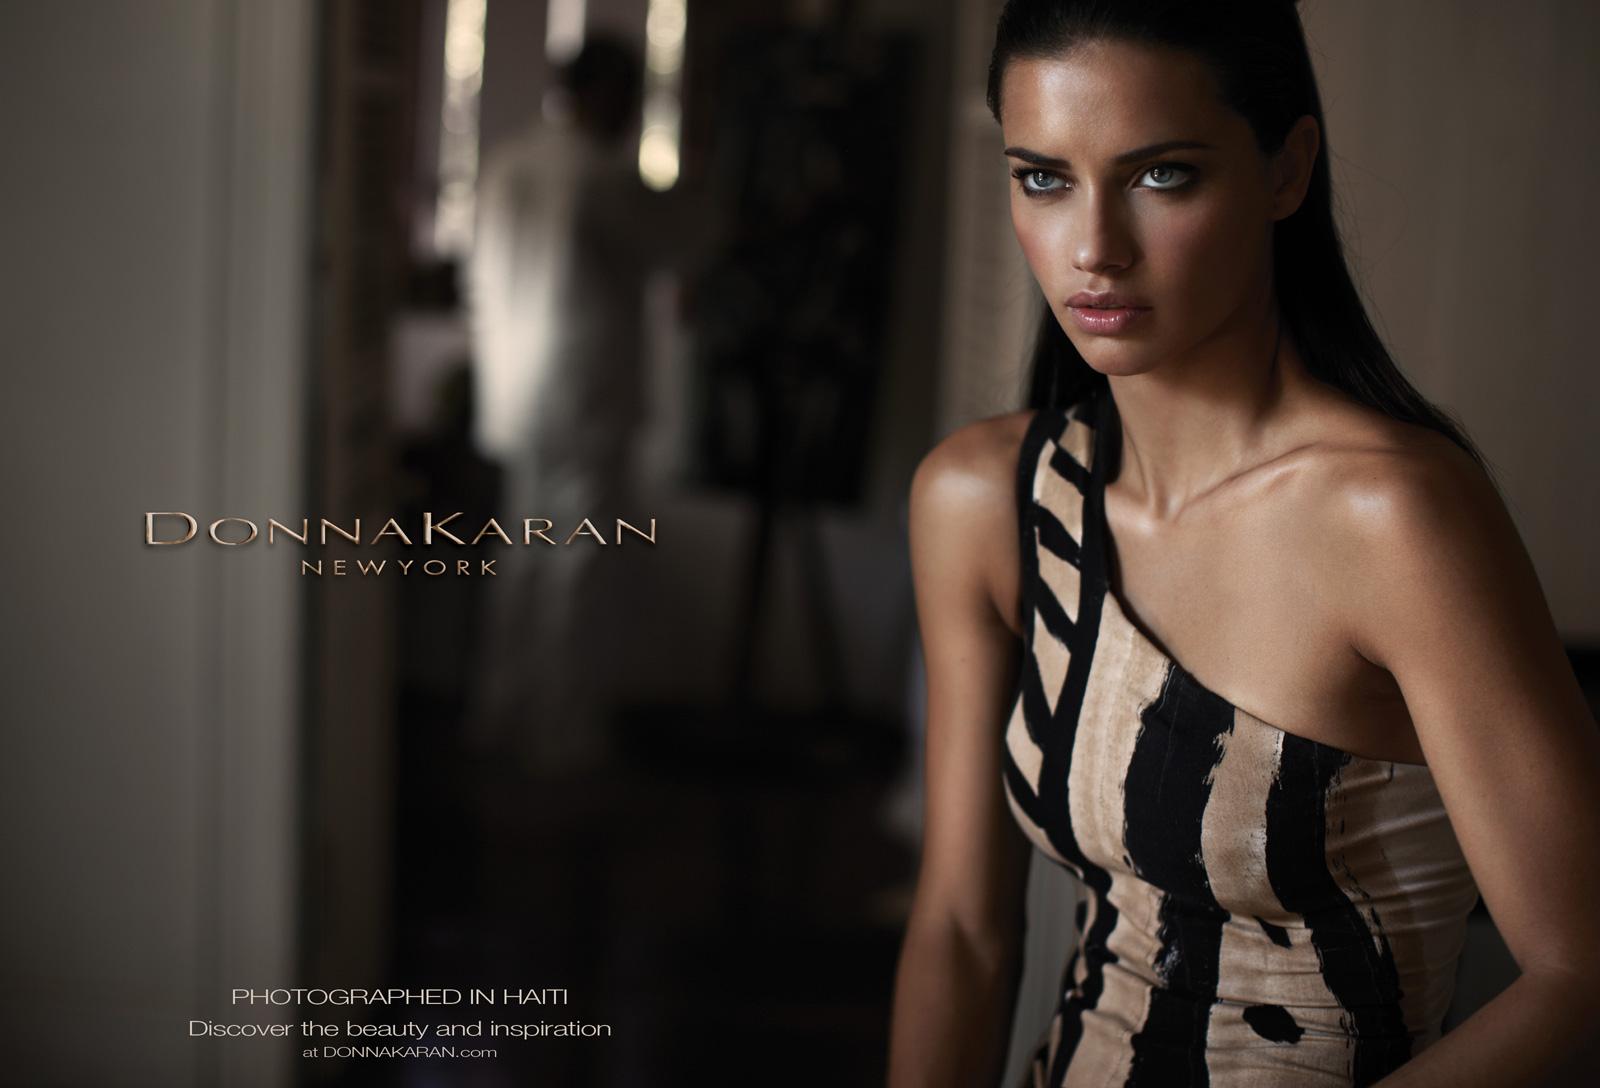 http://1.bp.blogspot.com/-U7DWpxm3YGk/TuwhUEH4XuI/AAAAAAAAIig/2bdZ9-SgRSk/s1600/Adriana-Lima-Donna-Karan-Spring-2012-01.jpg